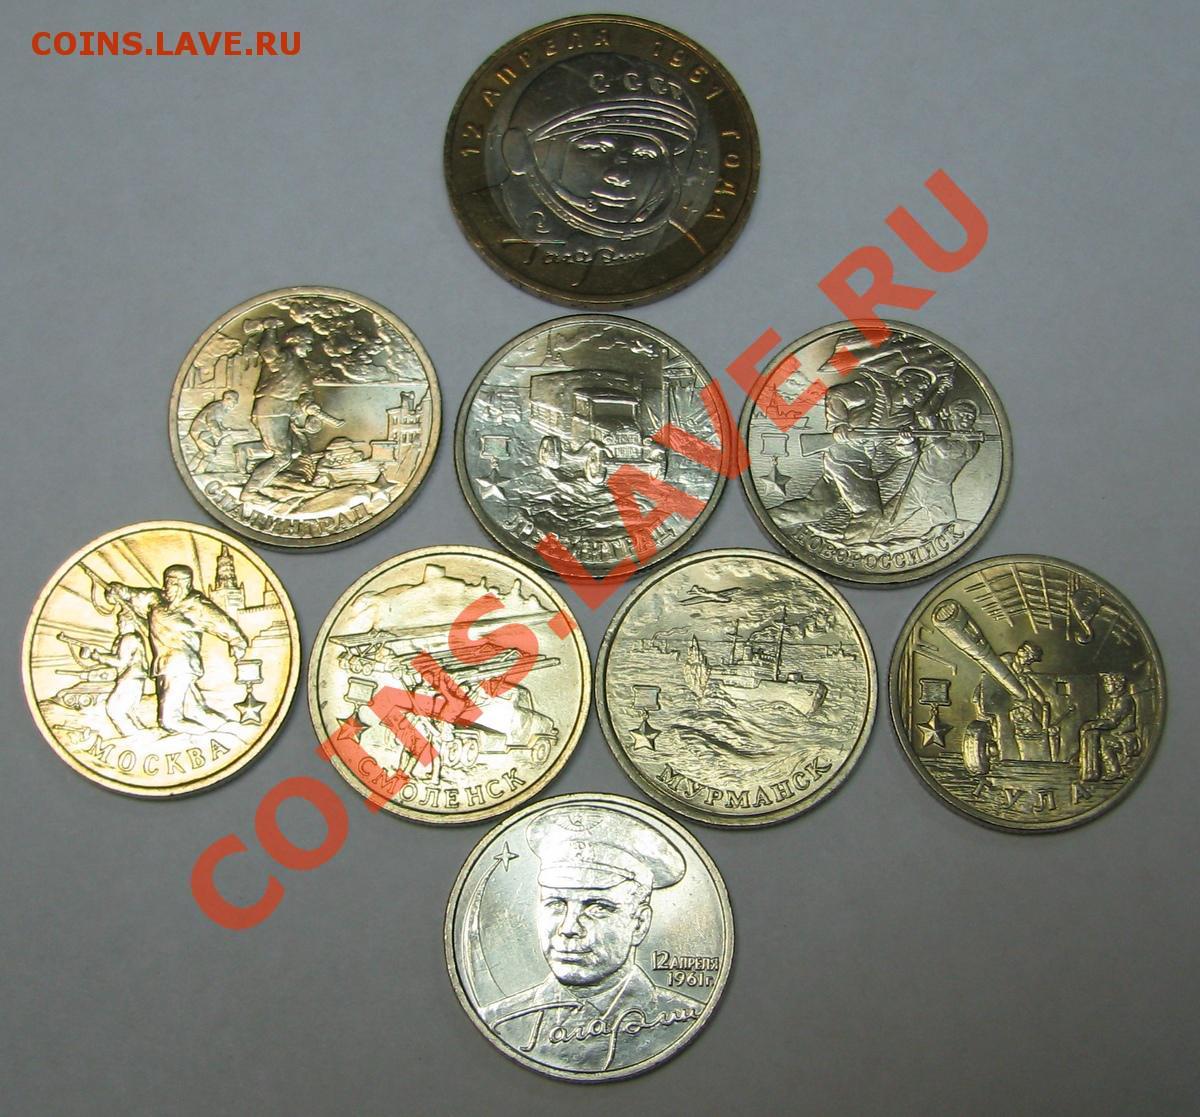 Монеты россии - памятные и юбилейные монеты россии - 10 рублей